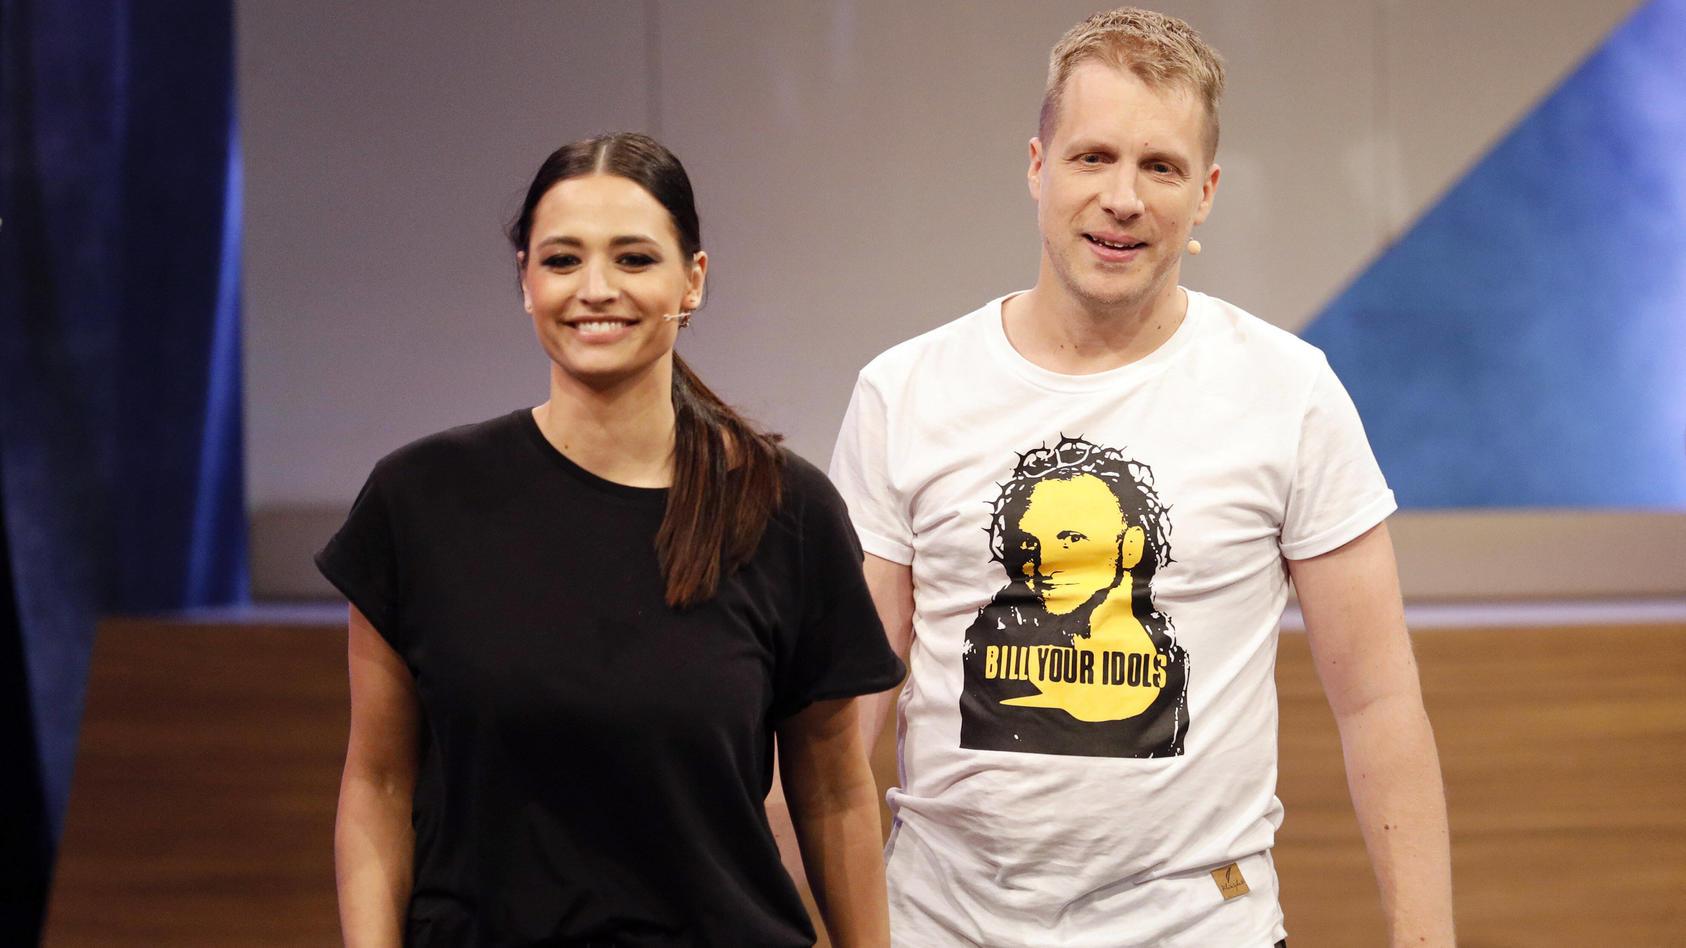 Amira Pocher und Oliver Pocher wurden von Rapperin Loredana scharf kritisiert.